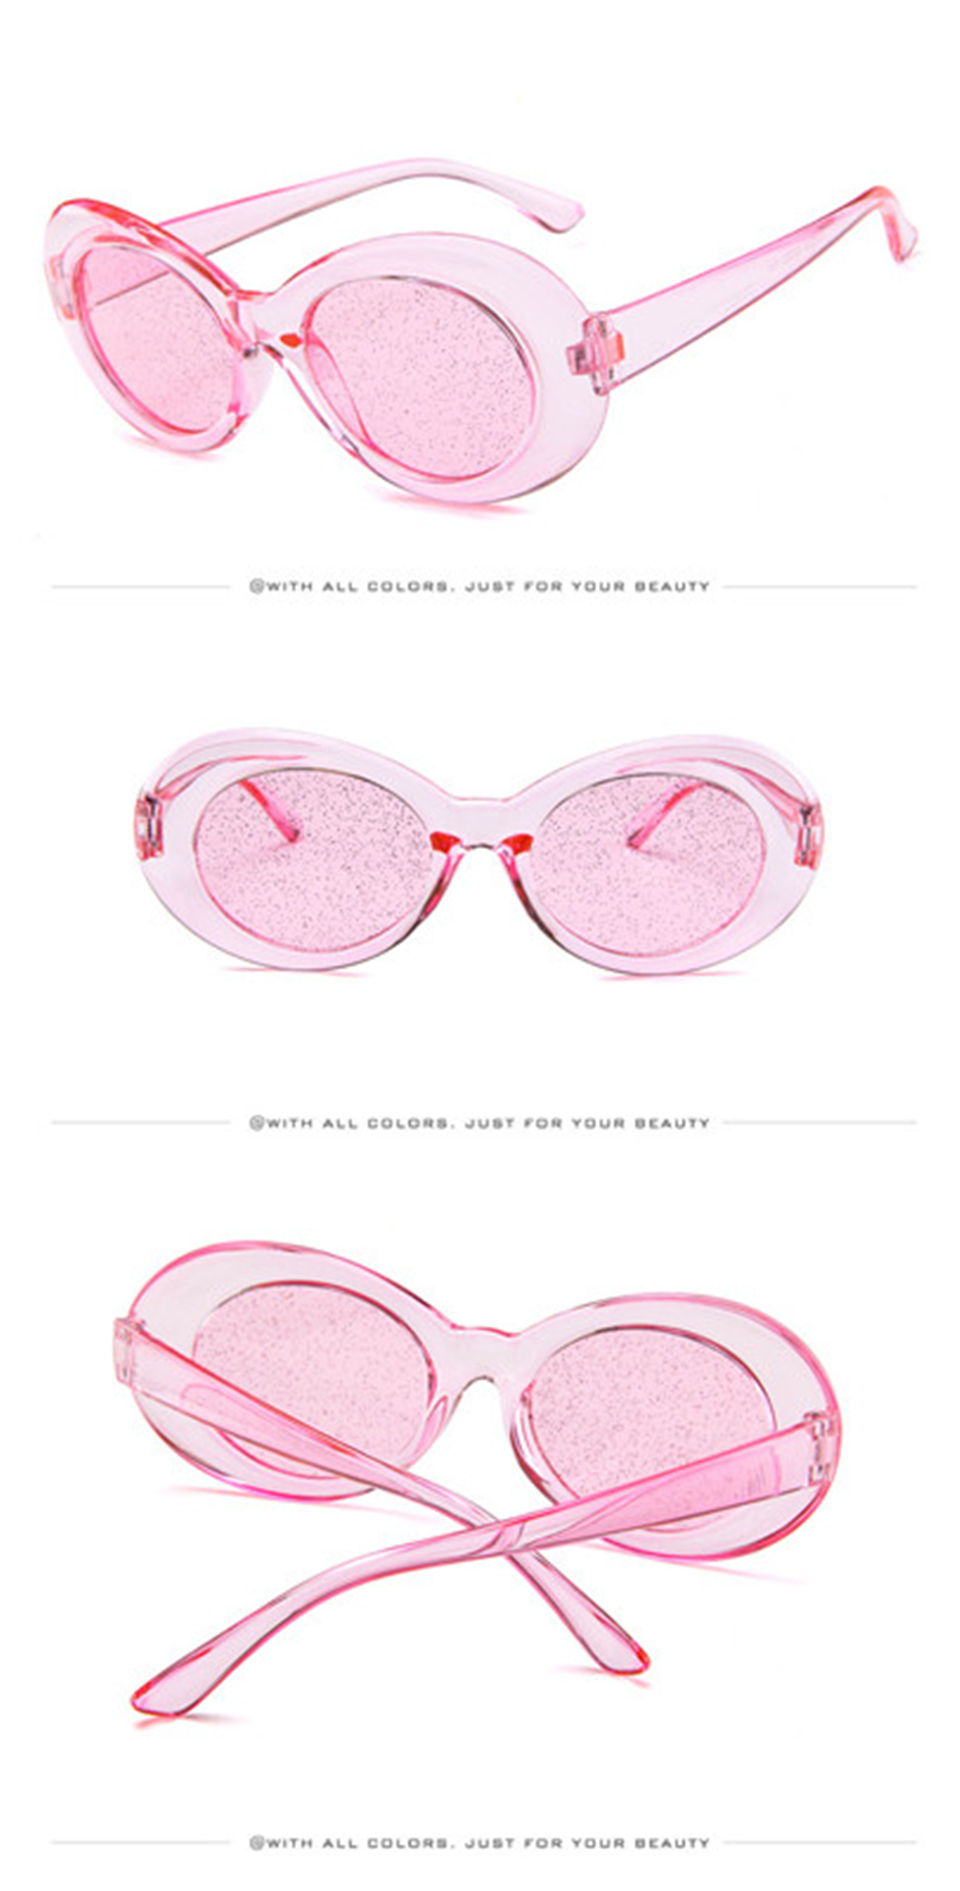 47da43c62c Nuevas gafas de sol ovaladas ojo de gato bella hadid Instagram foto gafas  de sol bella hadid Vintage NIRVANA Kurt Cobain gafas de sol redondas